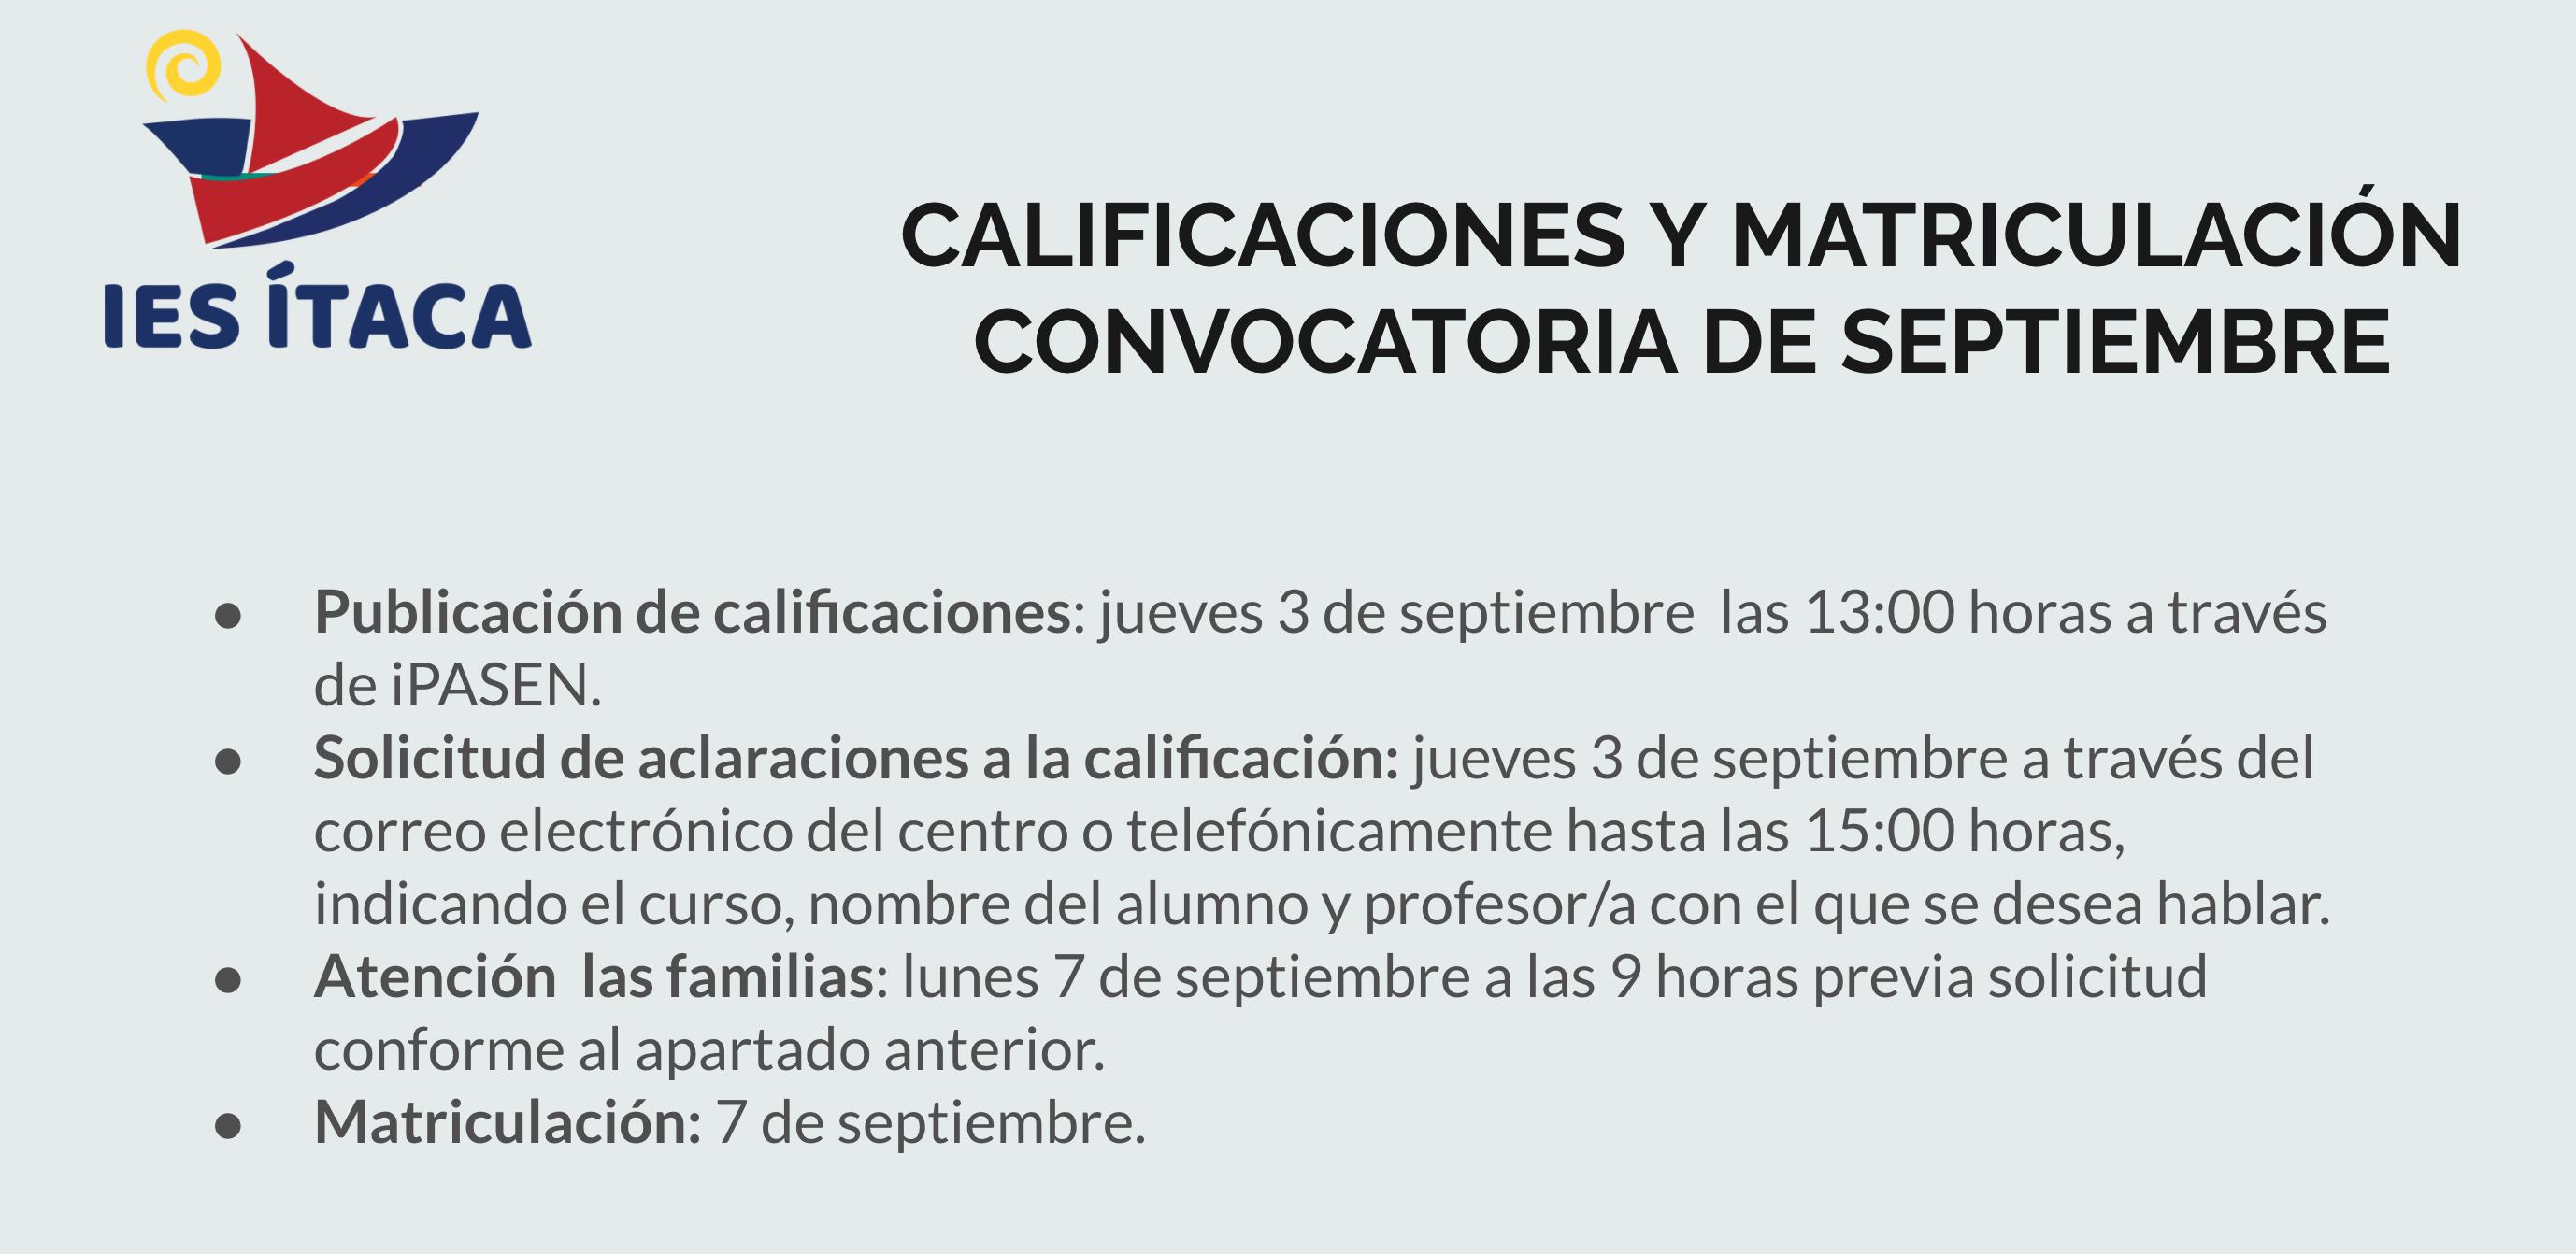 PUBLICACIÓN DE CALIFICACIONES, REVISIÓN Y MATRICULACIÓN DE SEPTIEMBRE